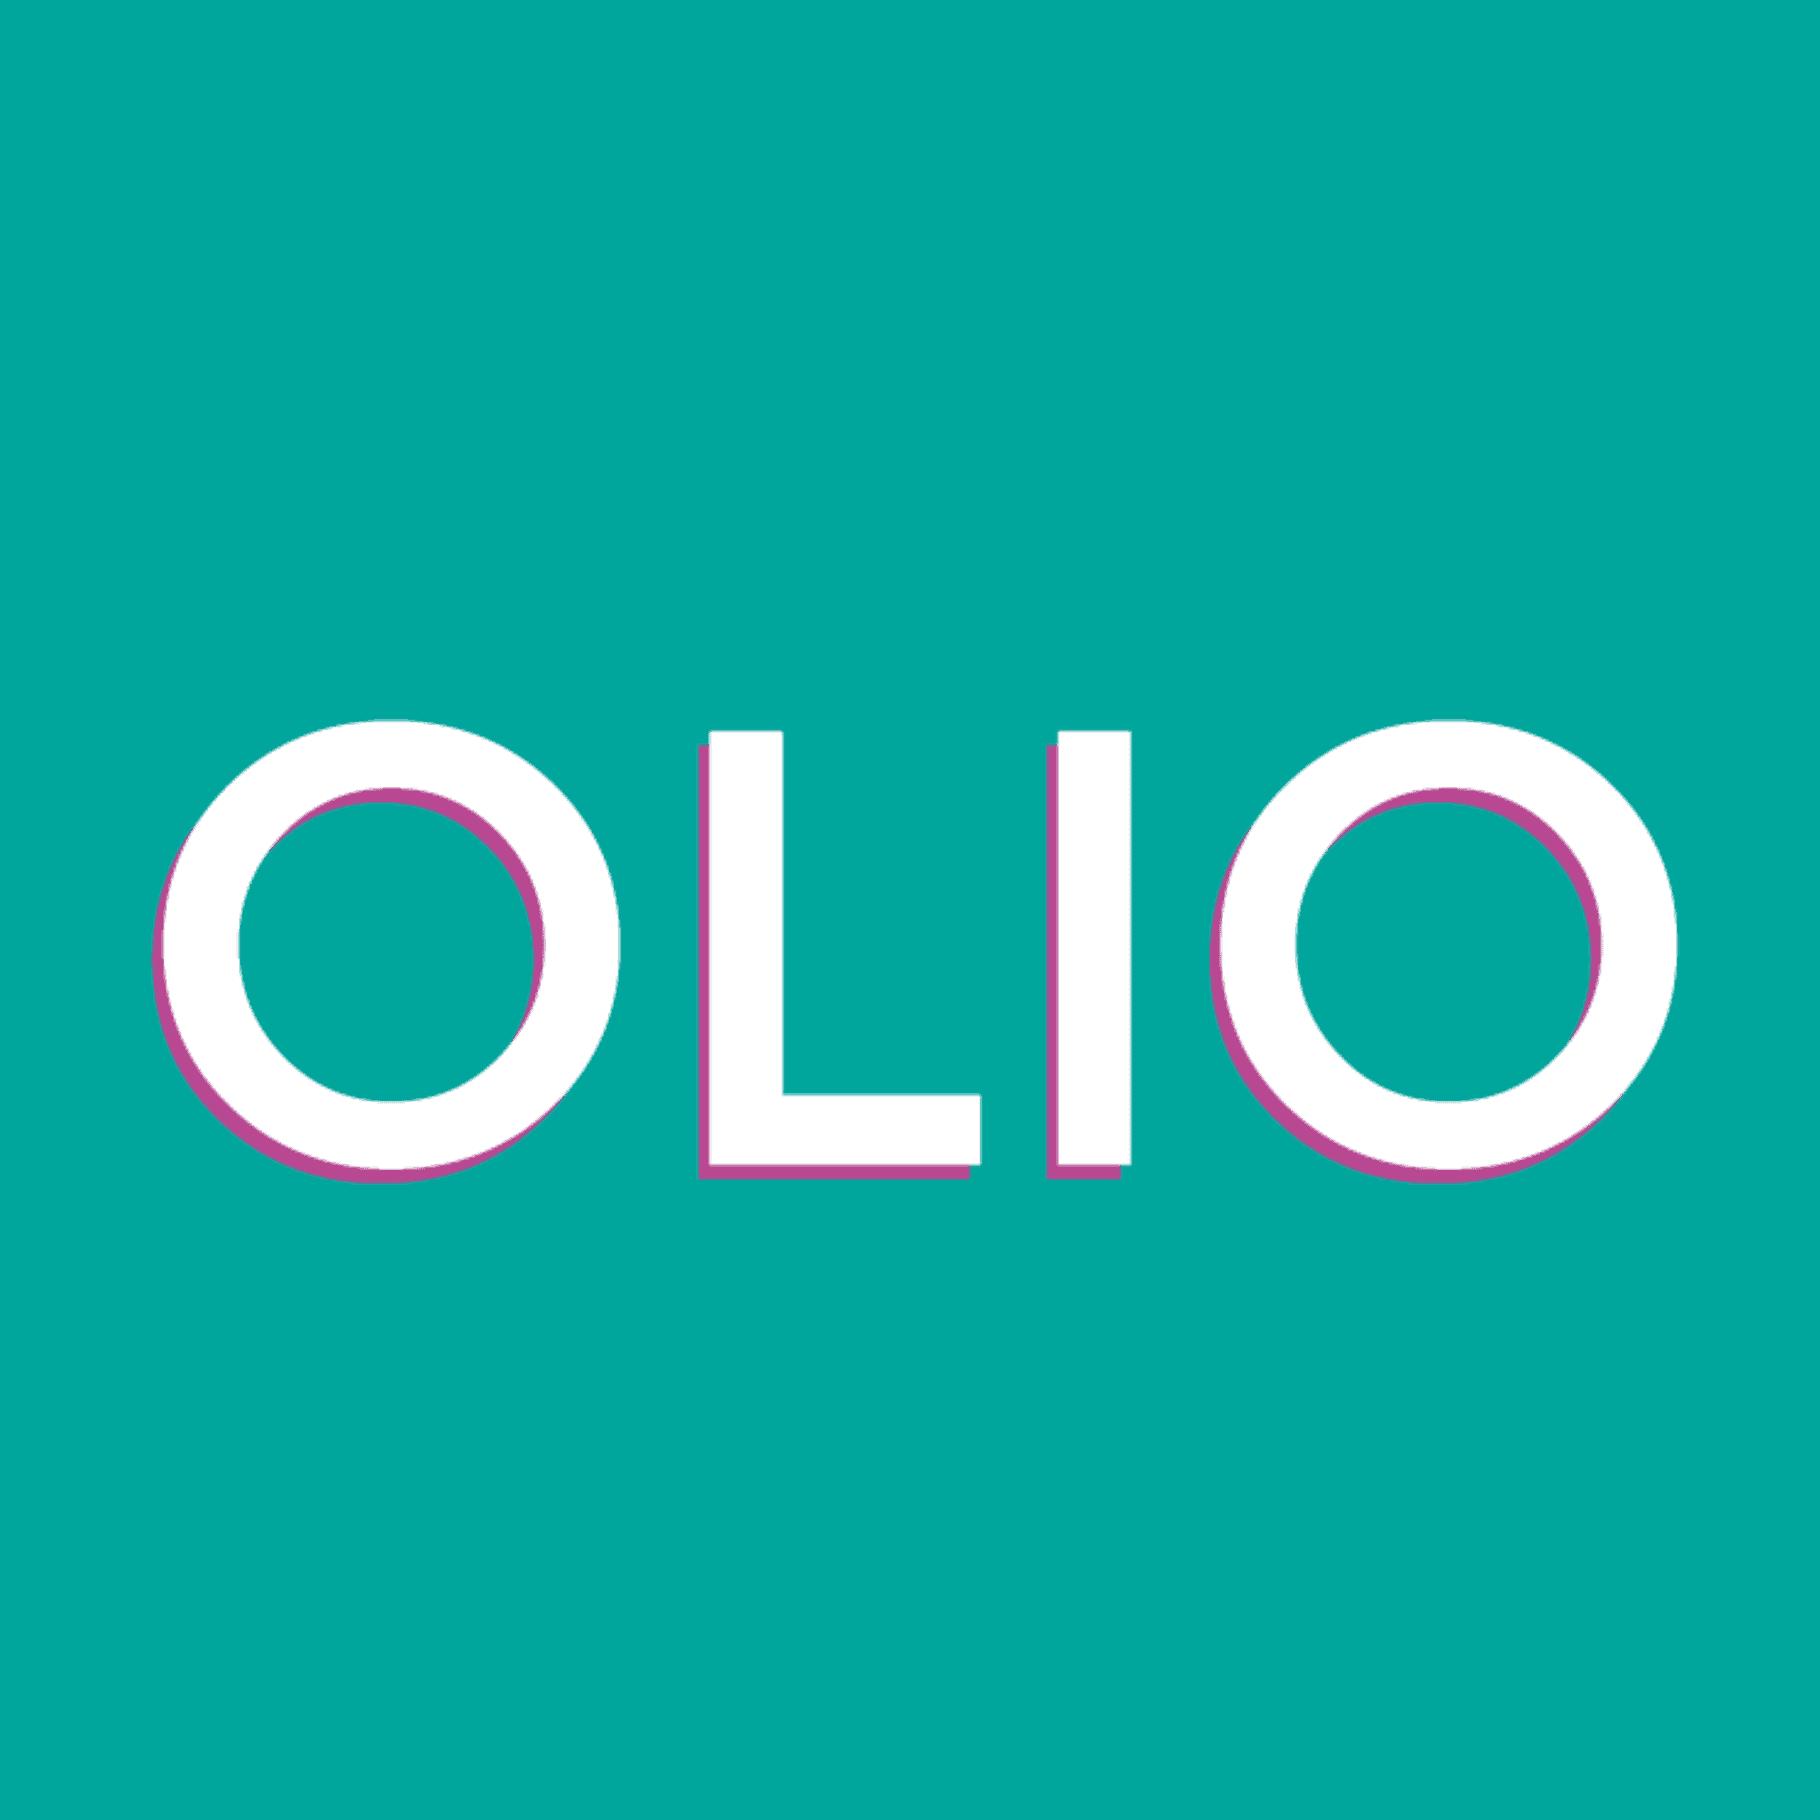 Olio's logo